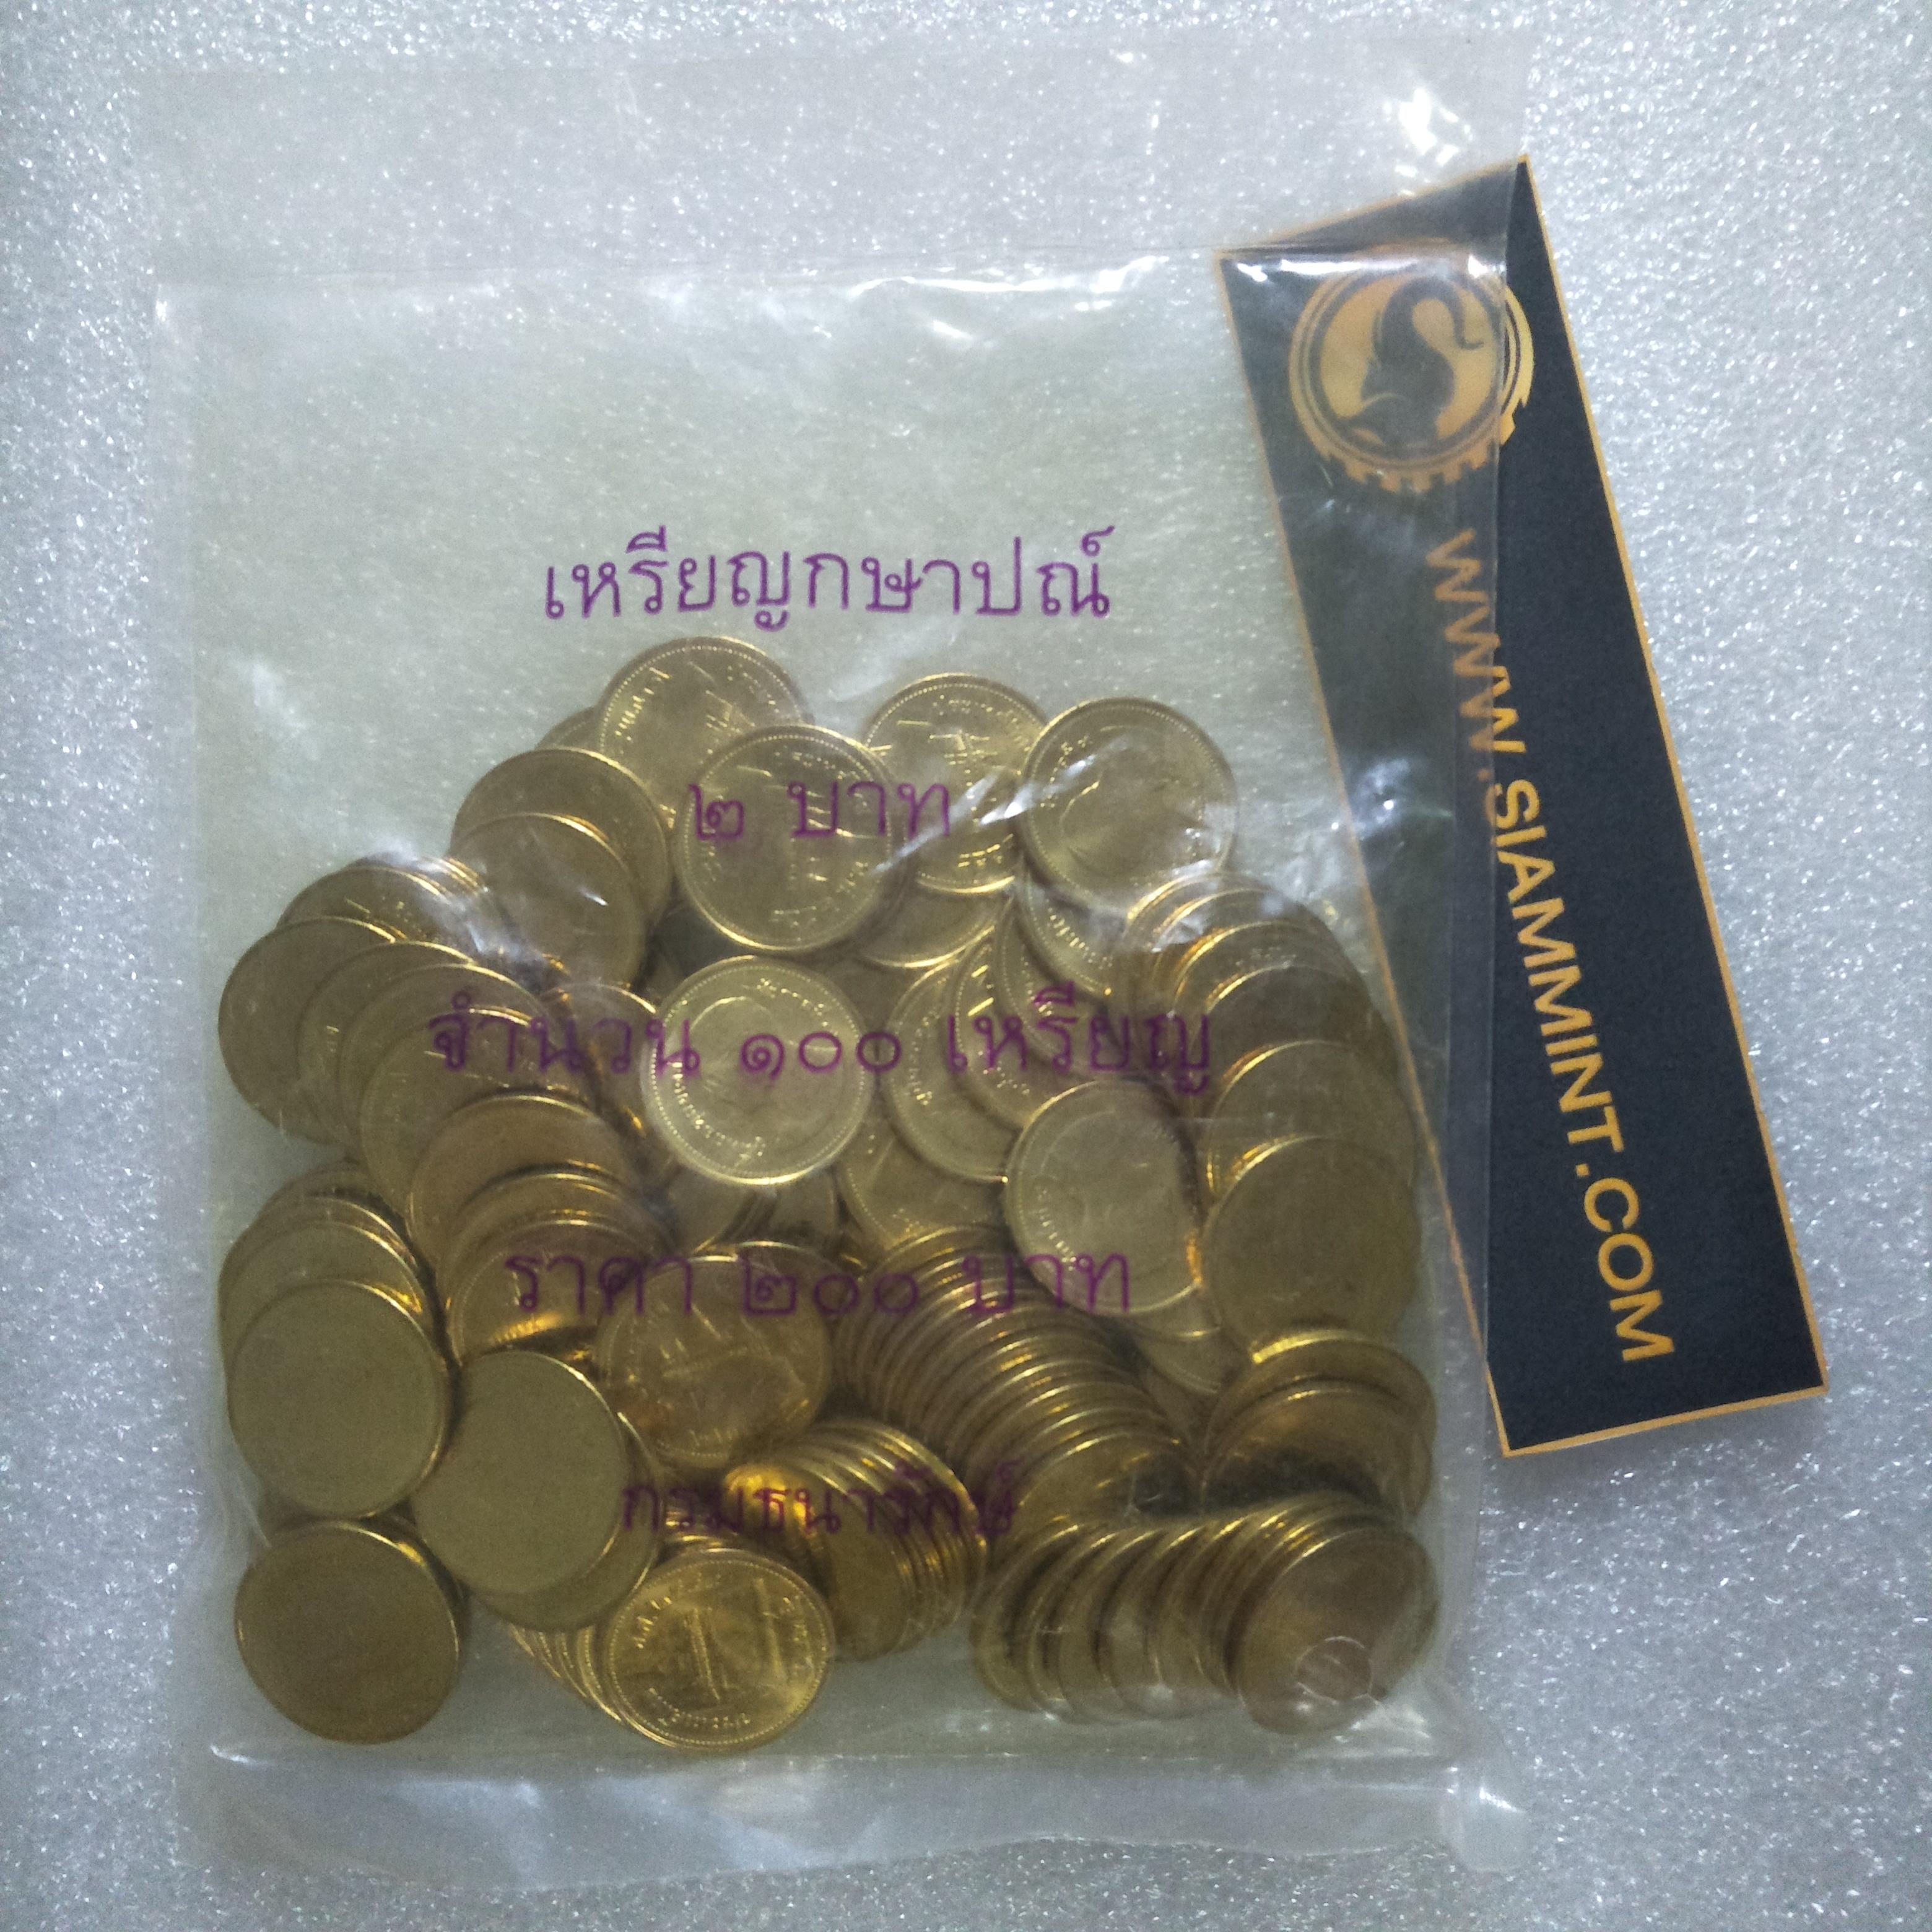 เหรียญ 2 บาท 2558 ยกถุง UNC